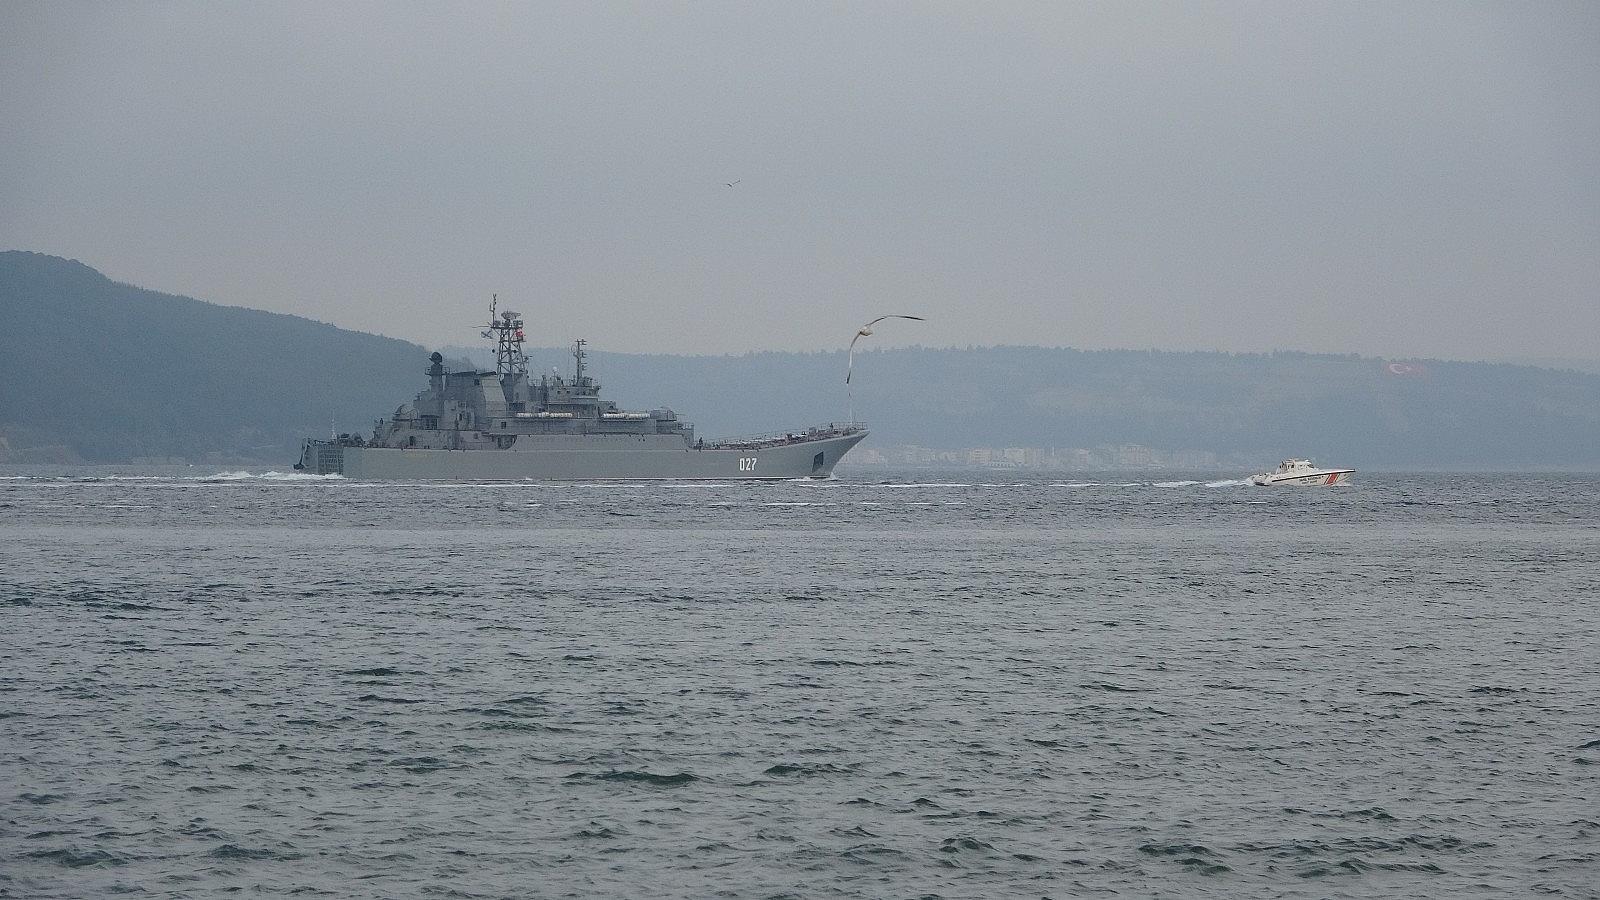 2021/04/rusya-gemilerini-karadenize-cekiyor-iki-savas-gemisi-canakkaleden-gecti-20210416AW29-4.jpg